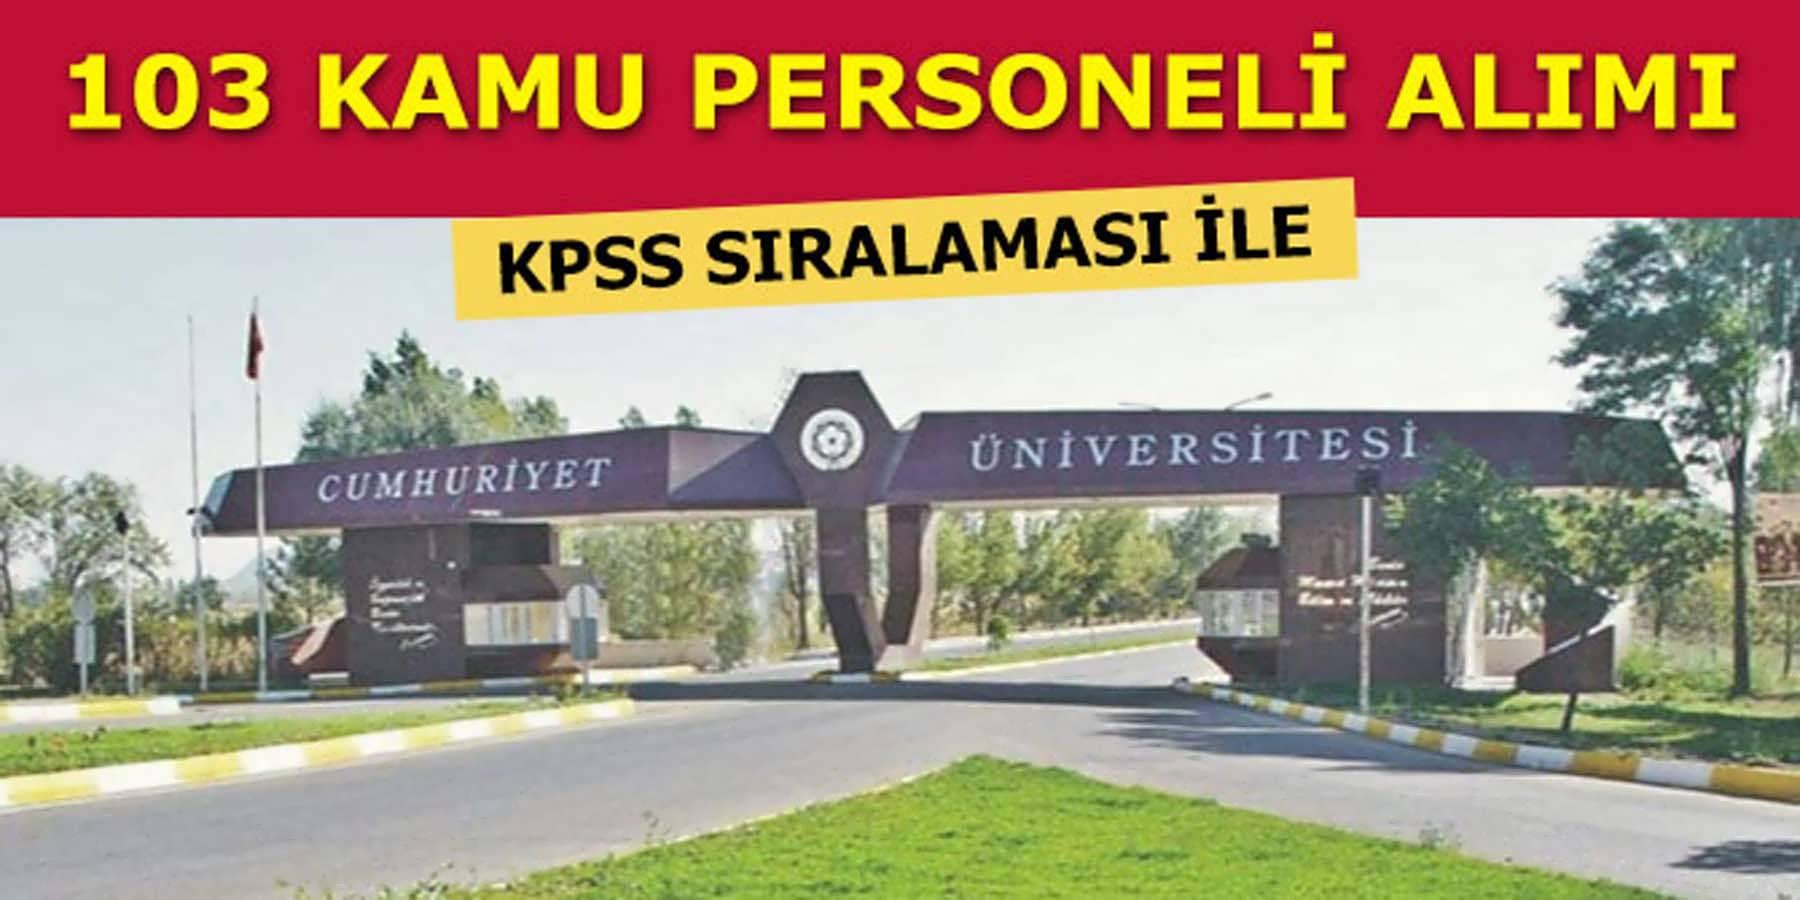 Cumhuriyet Üniversitesi 103 Kamu Personeli Alımı